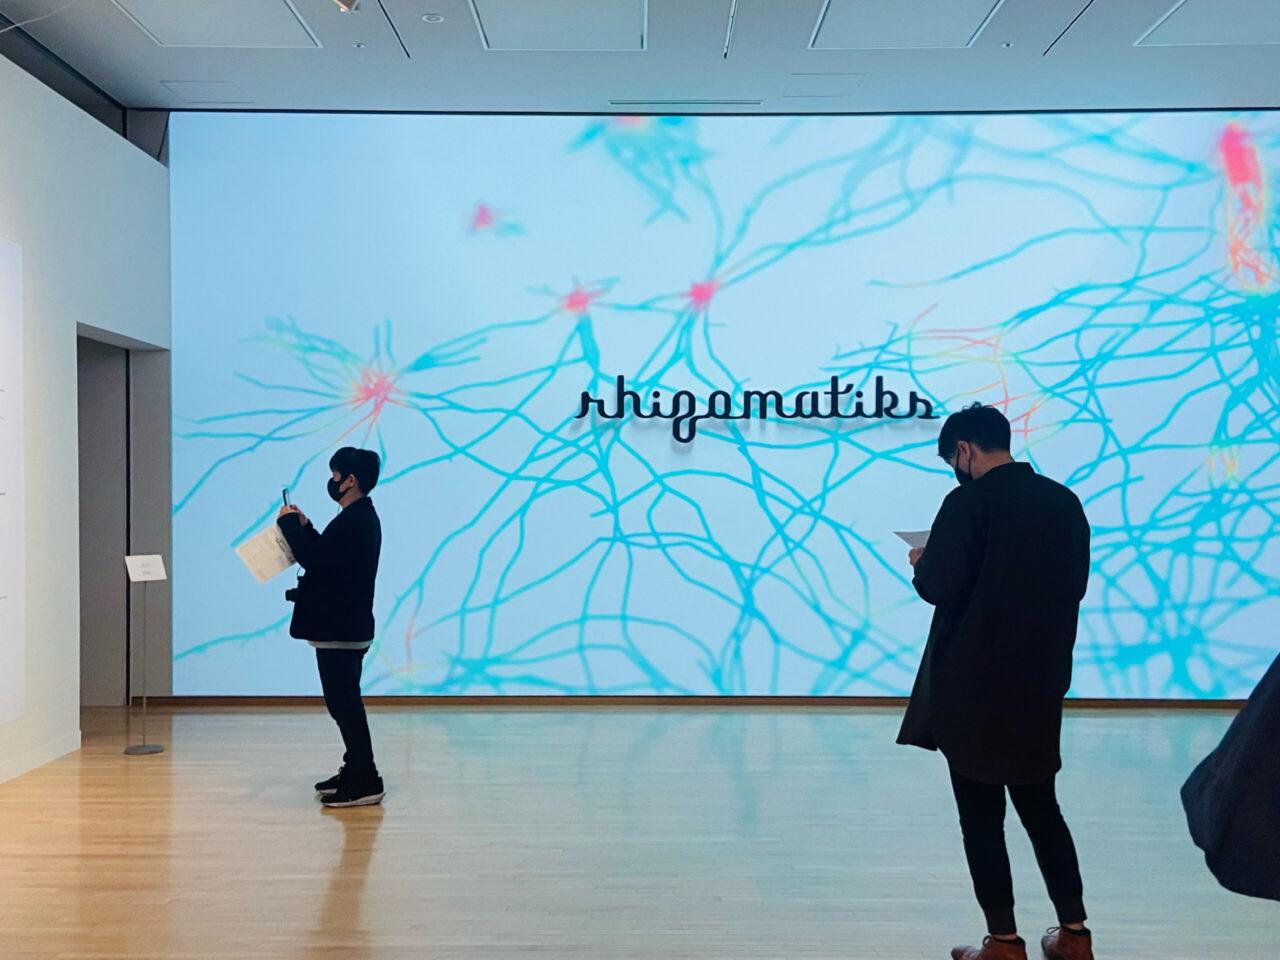 ジャパンのすごさの現在地!注目のライゾマ展で紐解くデジタルアートと未来